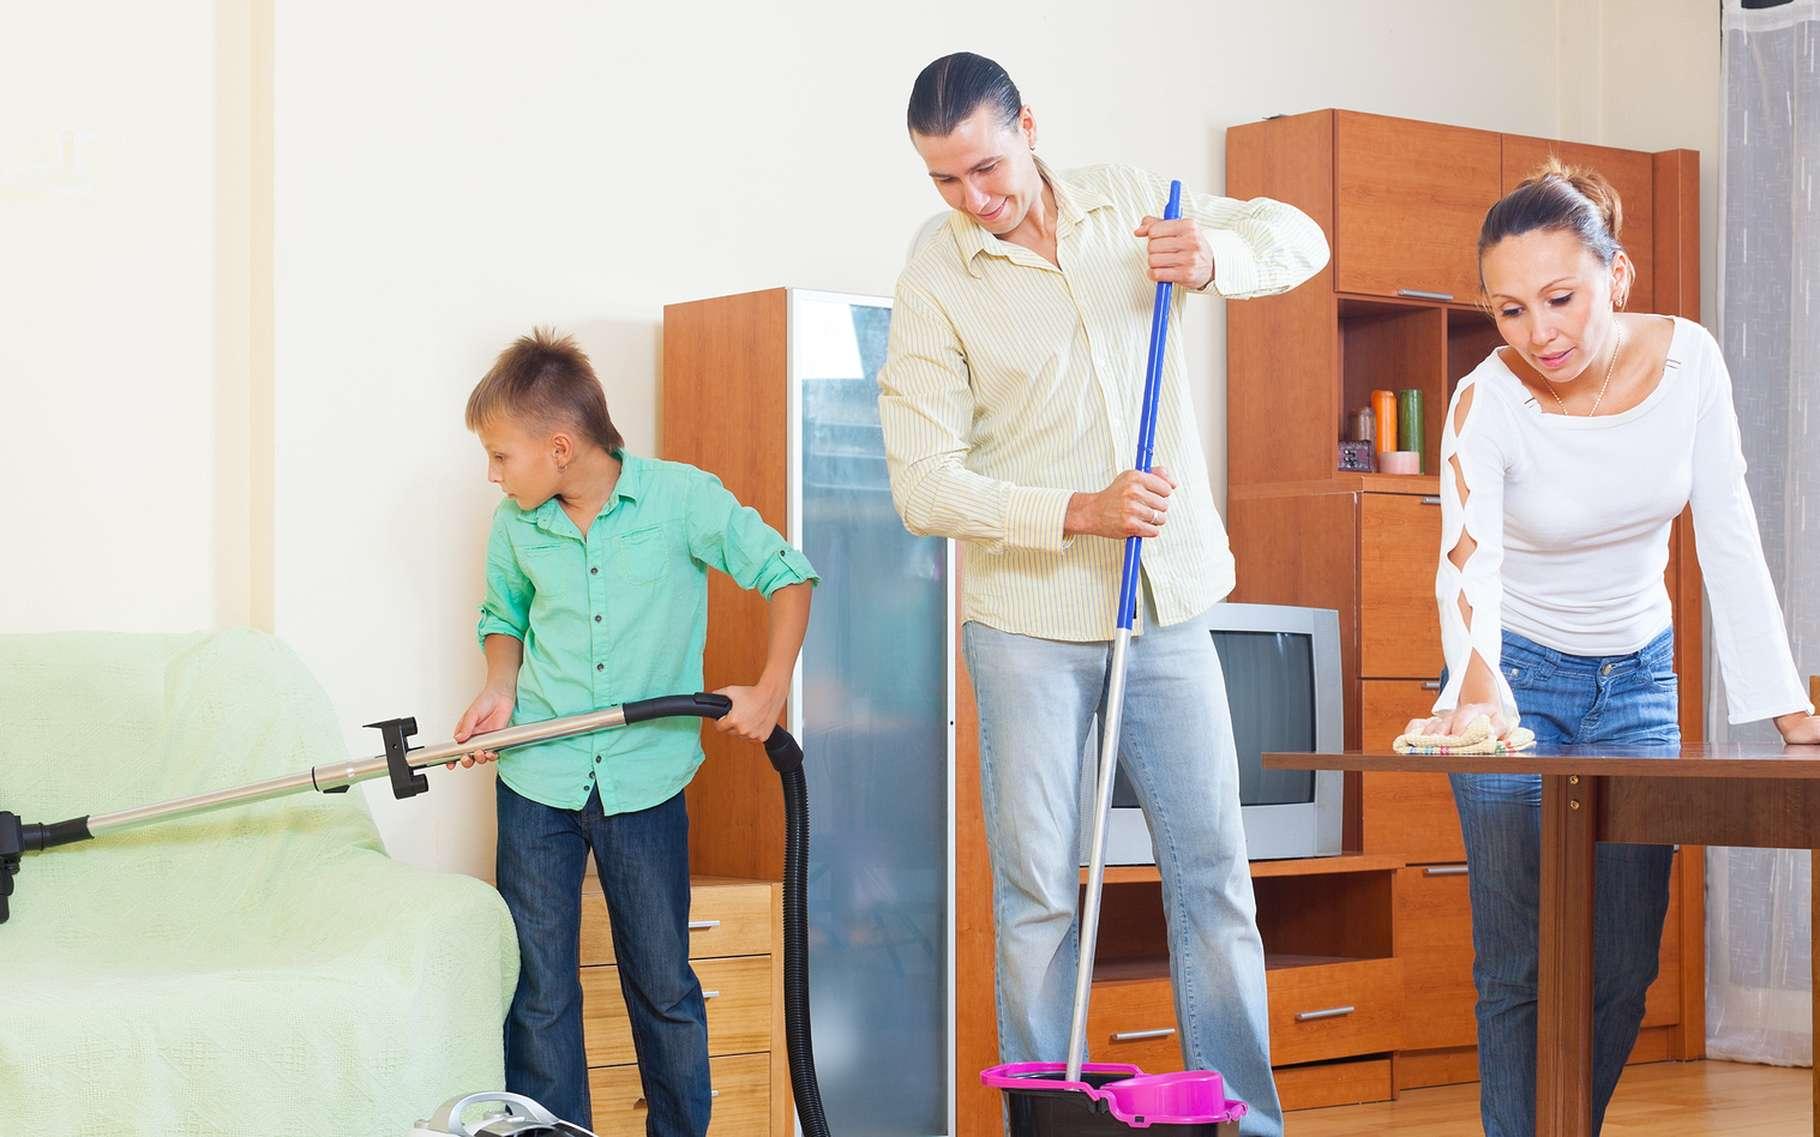 Pour faire le ménage, utilisez du vinaigre plutôt que des produits chimiques parfumés. © Iakov Filimonov, Shutterstock